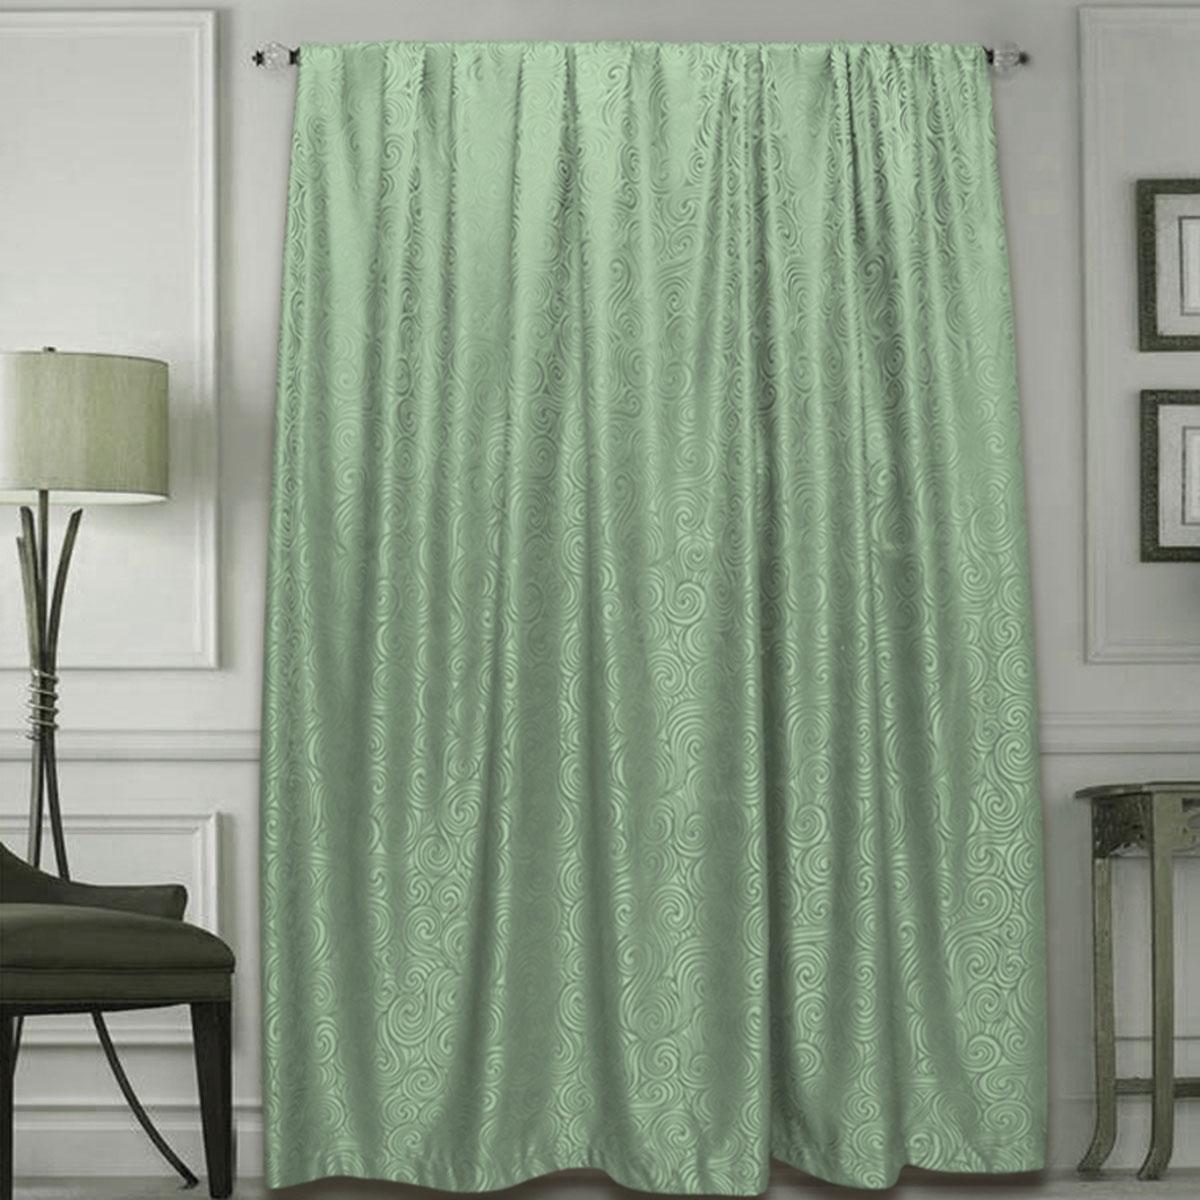 Штора Amore Mio, на ленте, цвет: зеленый, высота 270 см77633Готовая штора Amore Mio - это роскошная портьера для яркого и стильного оформления окон и создания особенной уютной атмосферы. Она великолепно смотрится как одна, так и в паре, в комбинации с нежной тюлевой занавеской, собранная на подхваты и свободно ниспадающая естественными складками. Такая штора, изготовленная полностью из прочного и очень практичного полиэстера, долговечна и не боится стирок, не сминается, не теряет своего блеска и яркости красок.